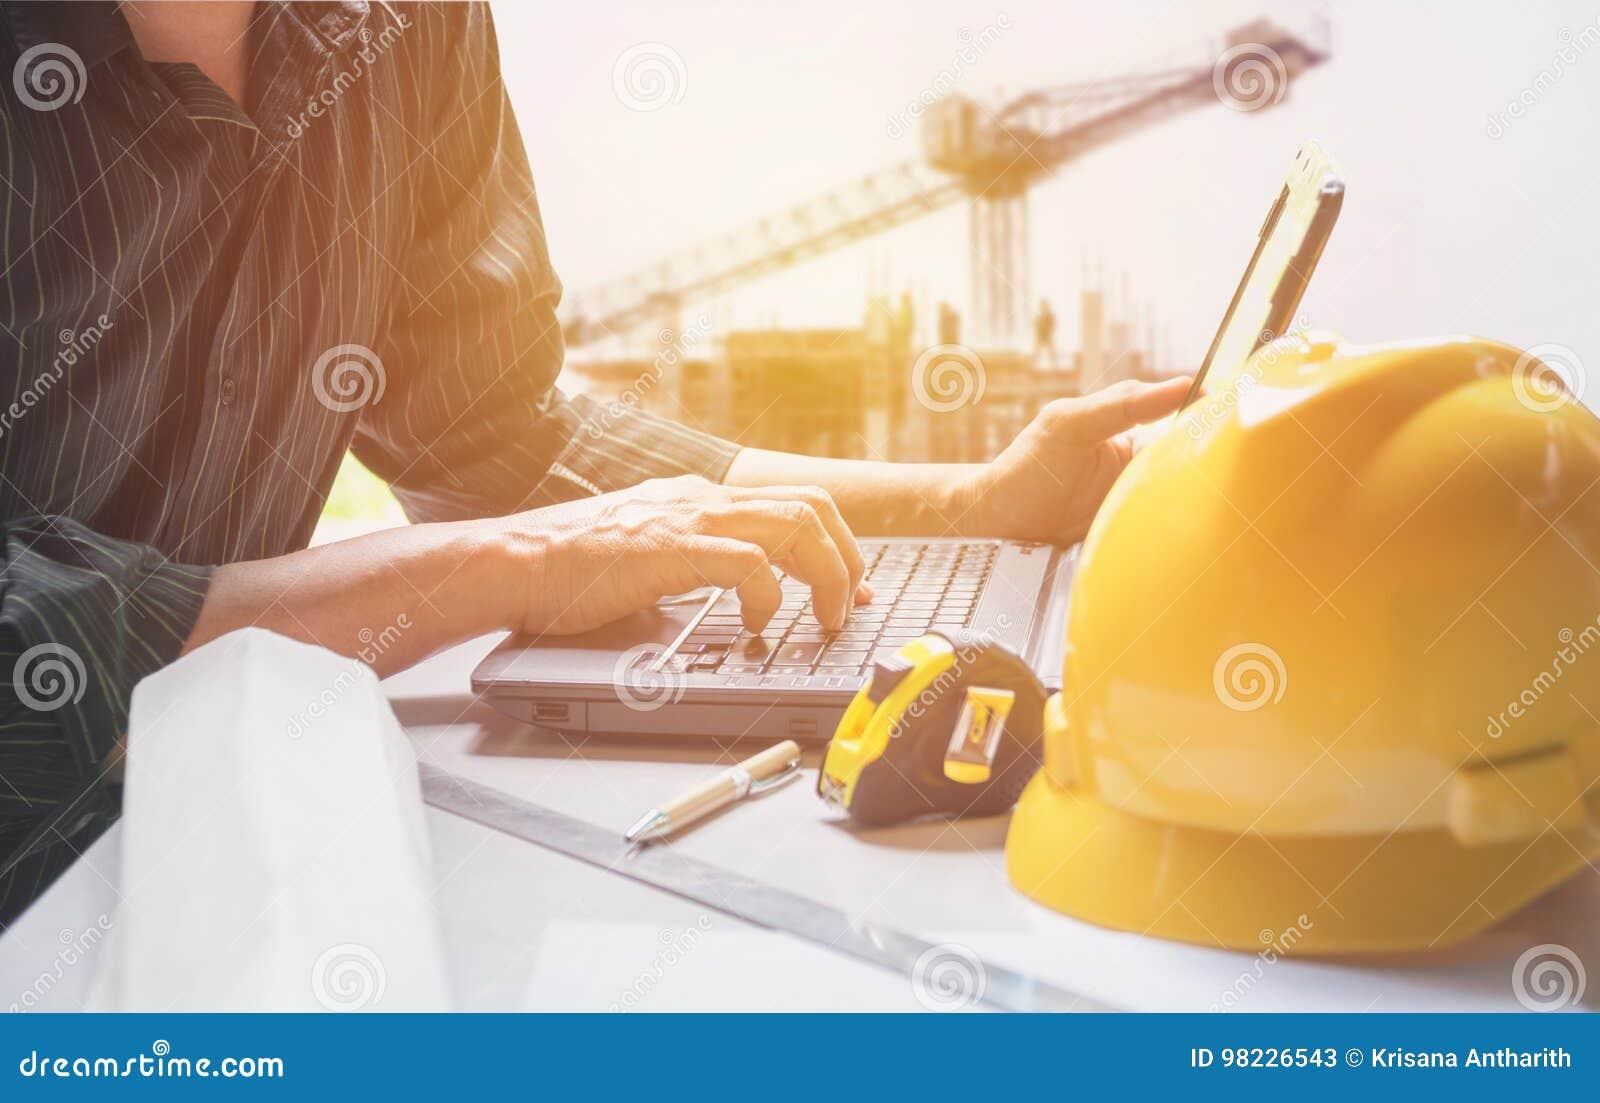 Architecteningenieur die laptop voor het werken met gele helm met behulp van,